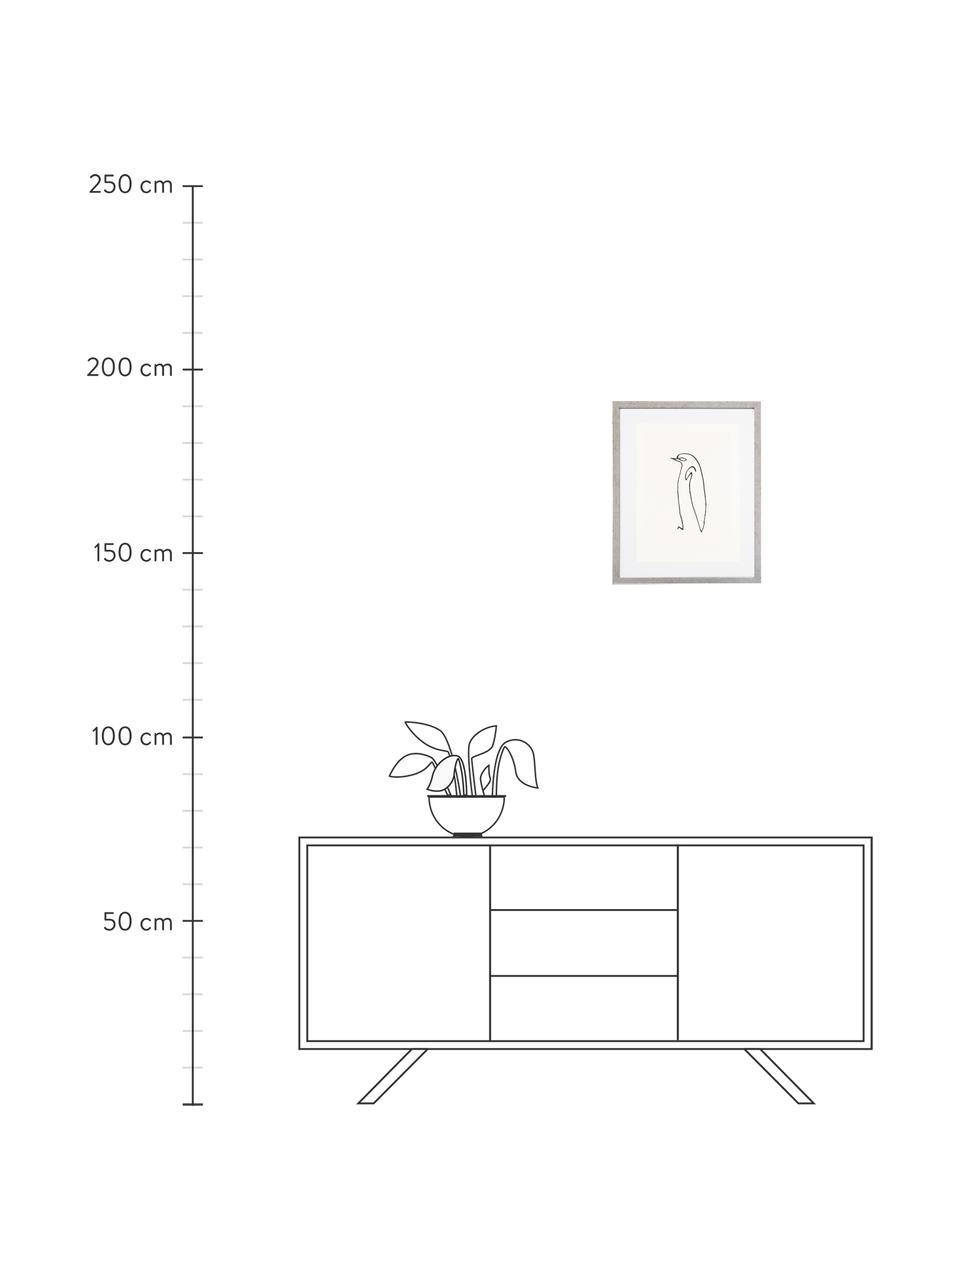 Gerahmter Digitaldruck Picasso's Pinguin, Bild: Digitaldruck, Rahmen: Kunststoff, Antik-Finish, Front: Glas, Bild: Schwarz, Weiß Rahmen: Silberfarben, 40 x 50 cm